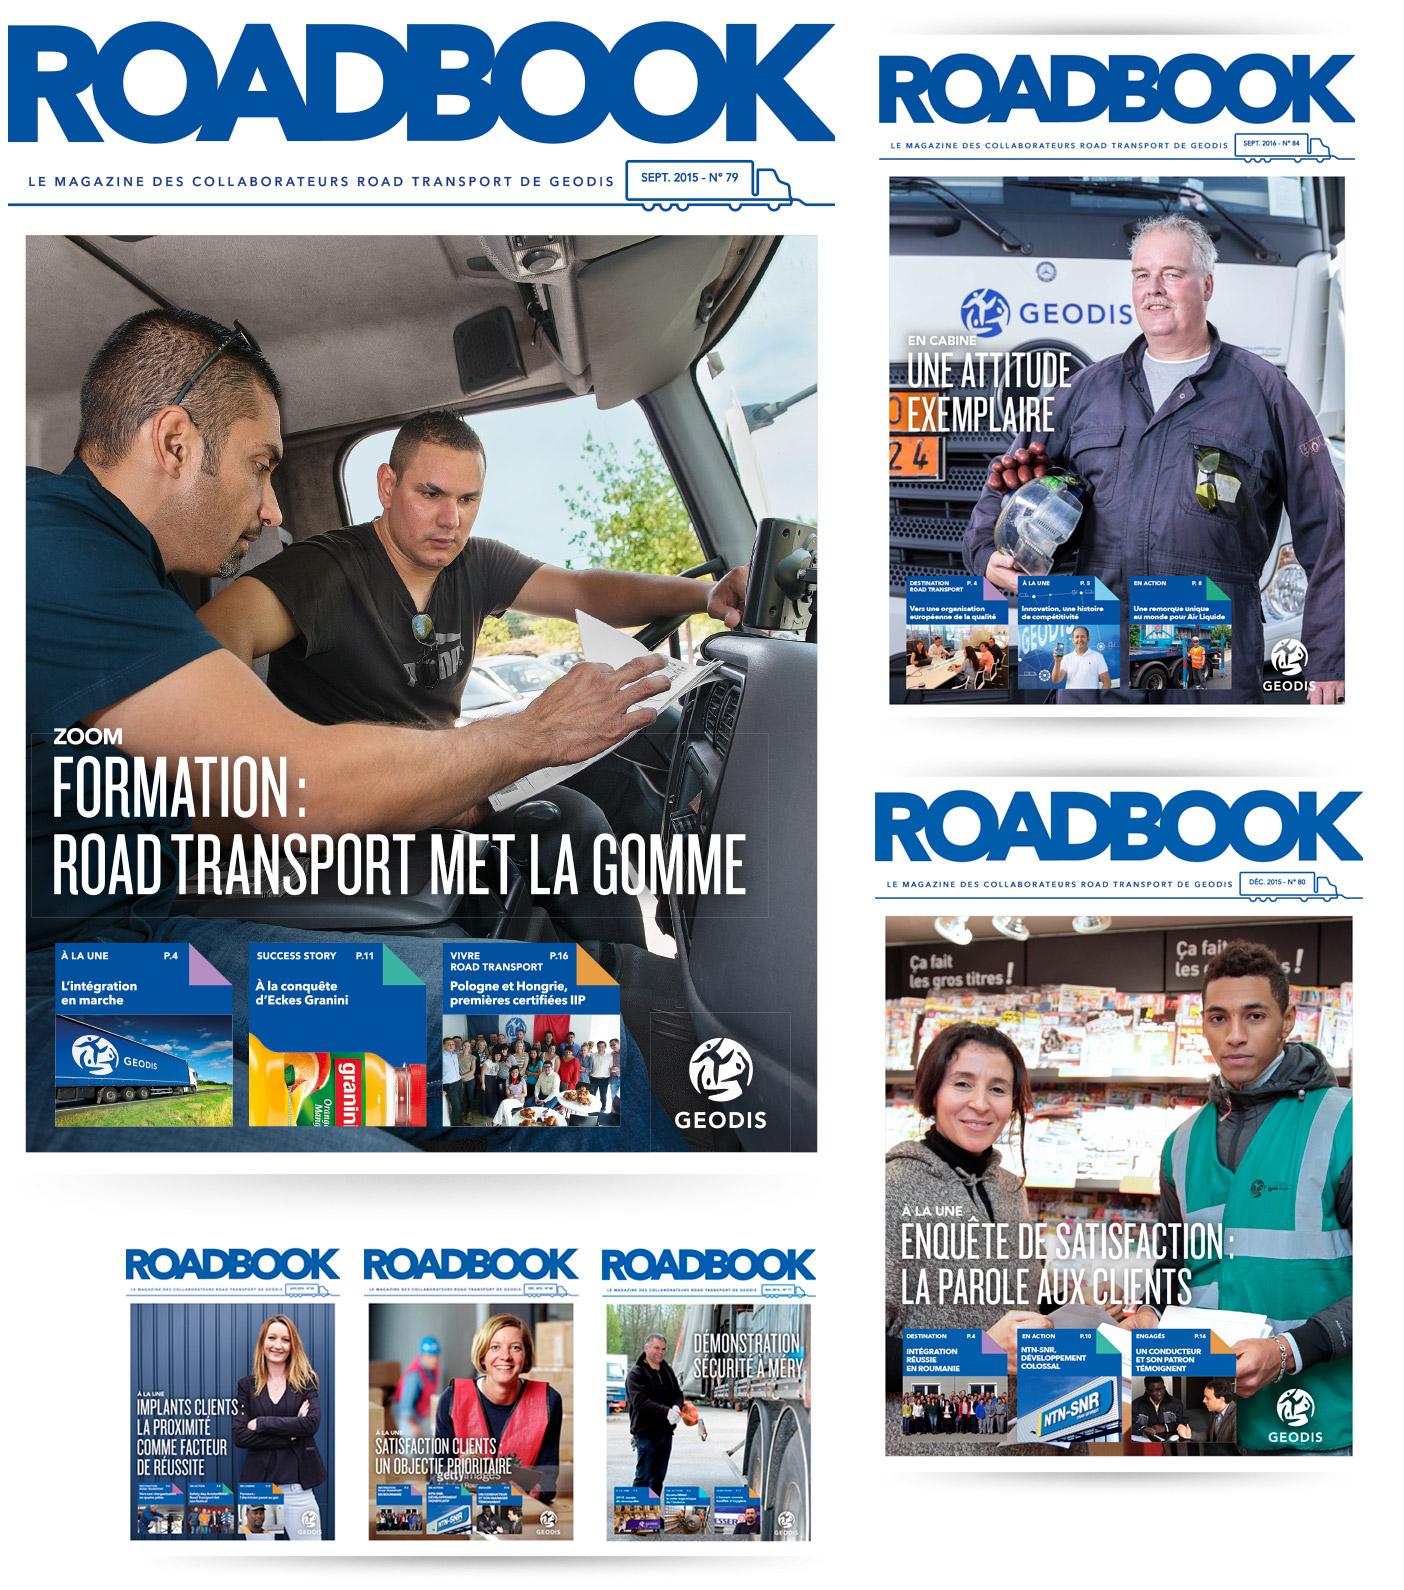 Couvertures magazine ROADBOOK (Geodis)